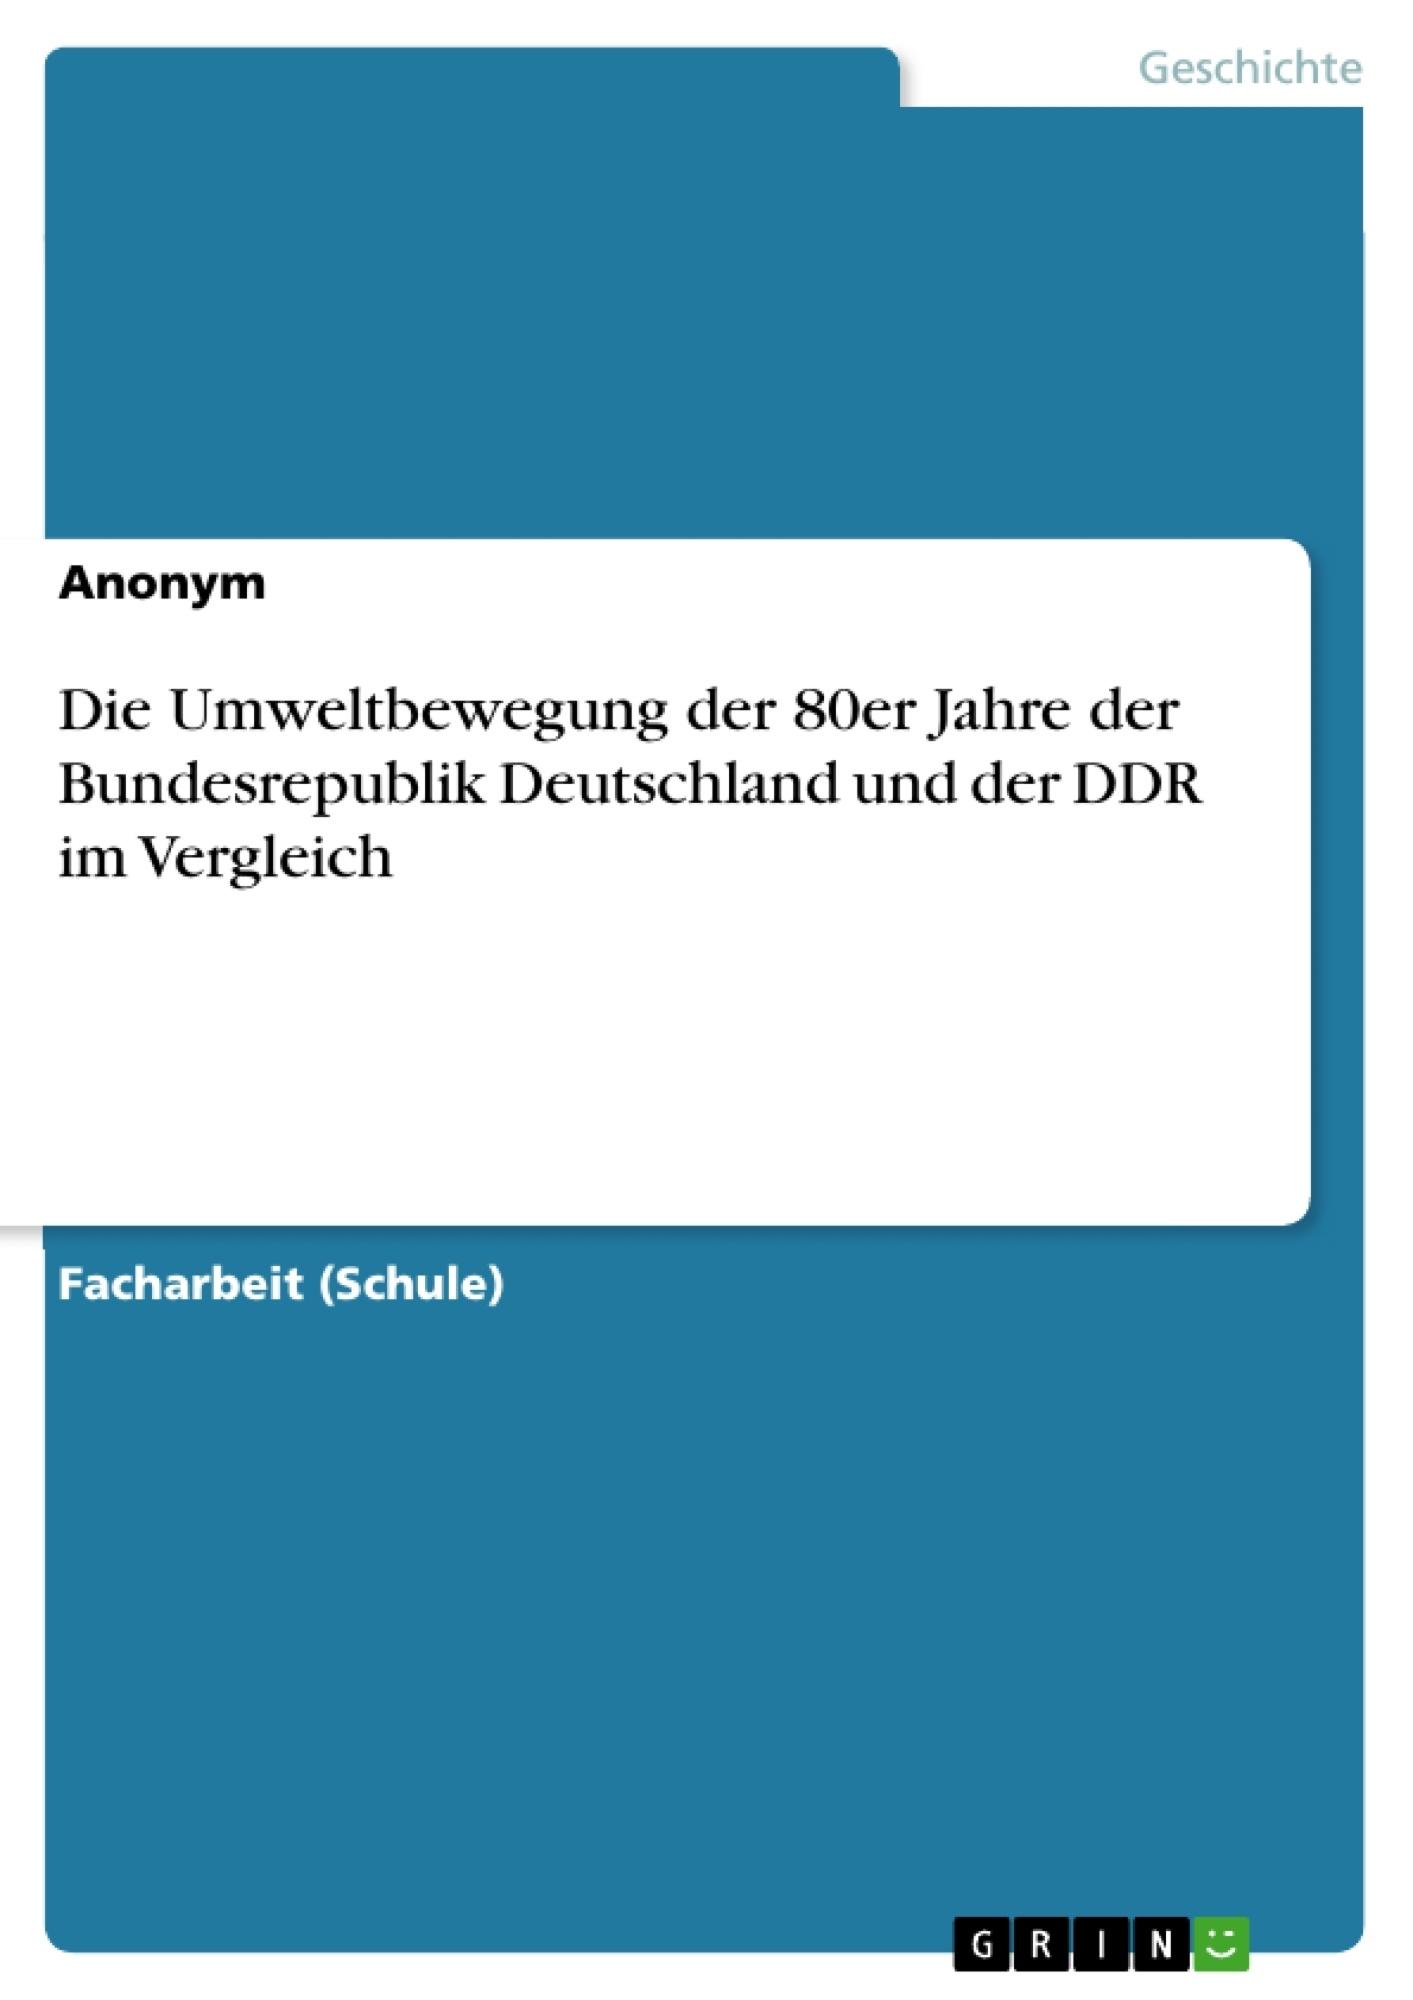 Titel: Die Umweltbewegung der 80er Jahre der Bundesrepublik Deutschland und der DDR im Vergleich